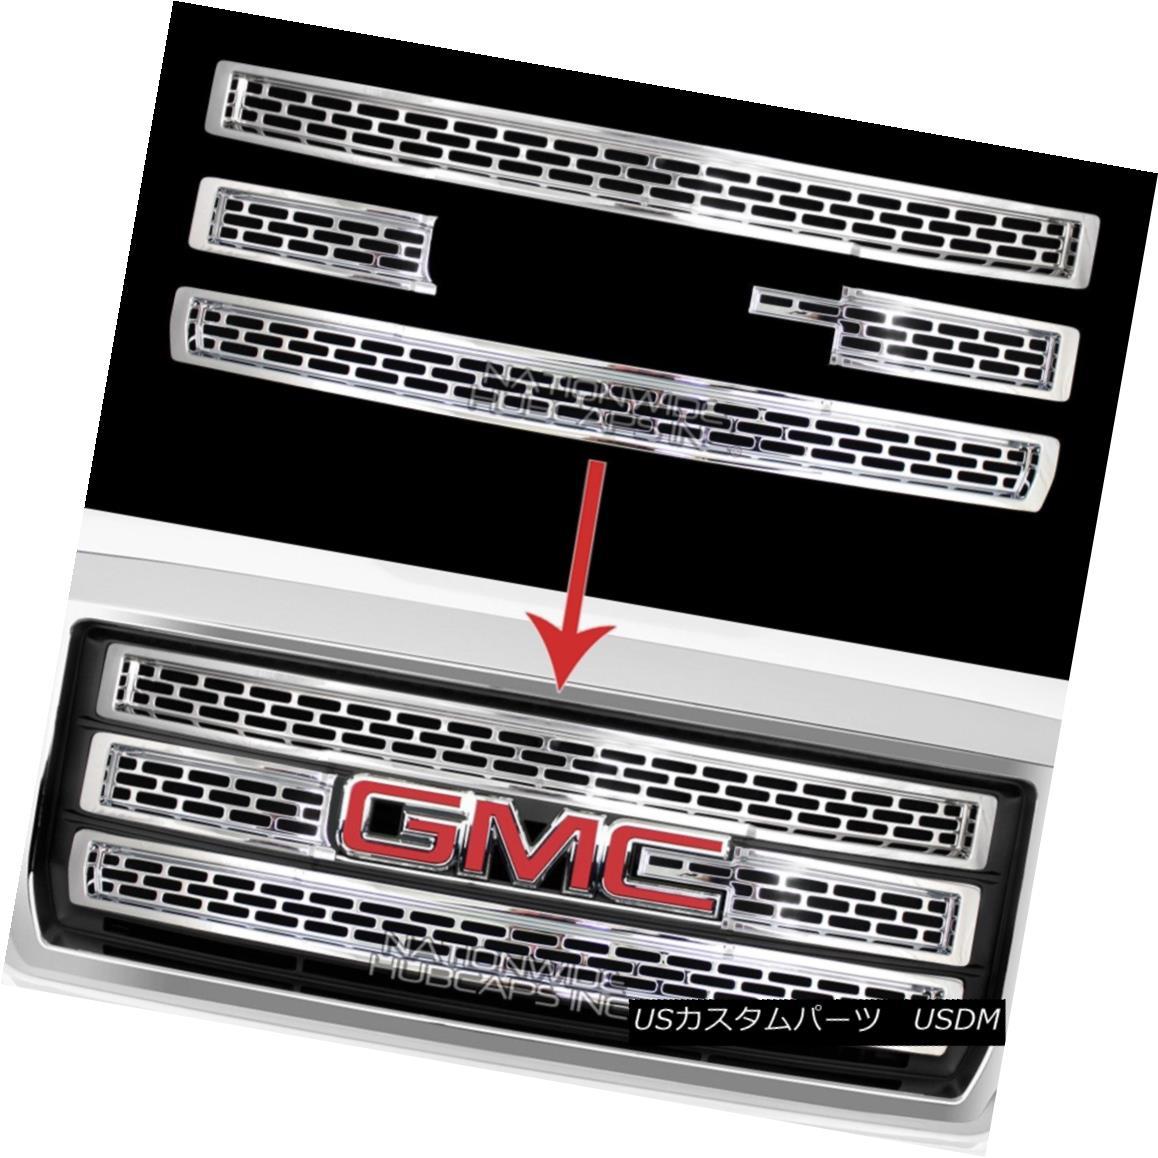 グリル 2014-15 GMC Sierra 1500 CHROME Snap On Grille Overlay 3 Bar Grill Covers Inserts 2014-15 GMC Sierra 1500 CHROMEスナップオングリルオーバーレイ3バーグリルカバーインサート